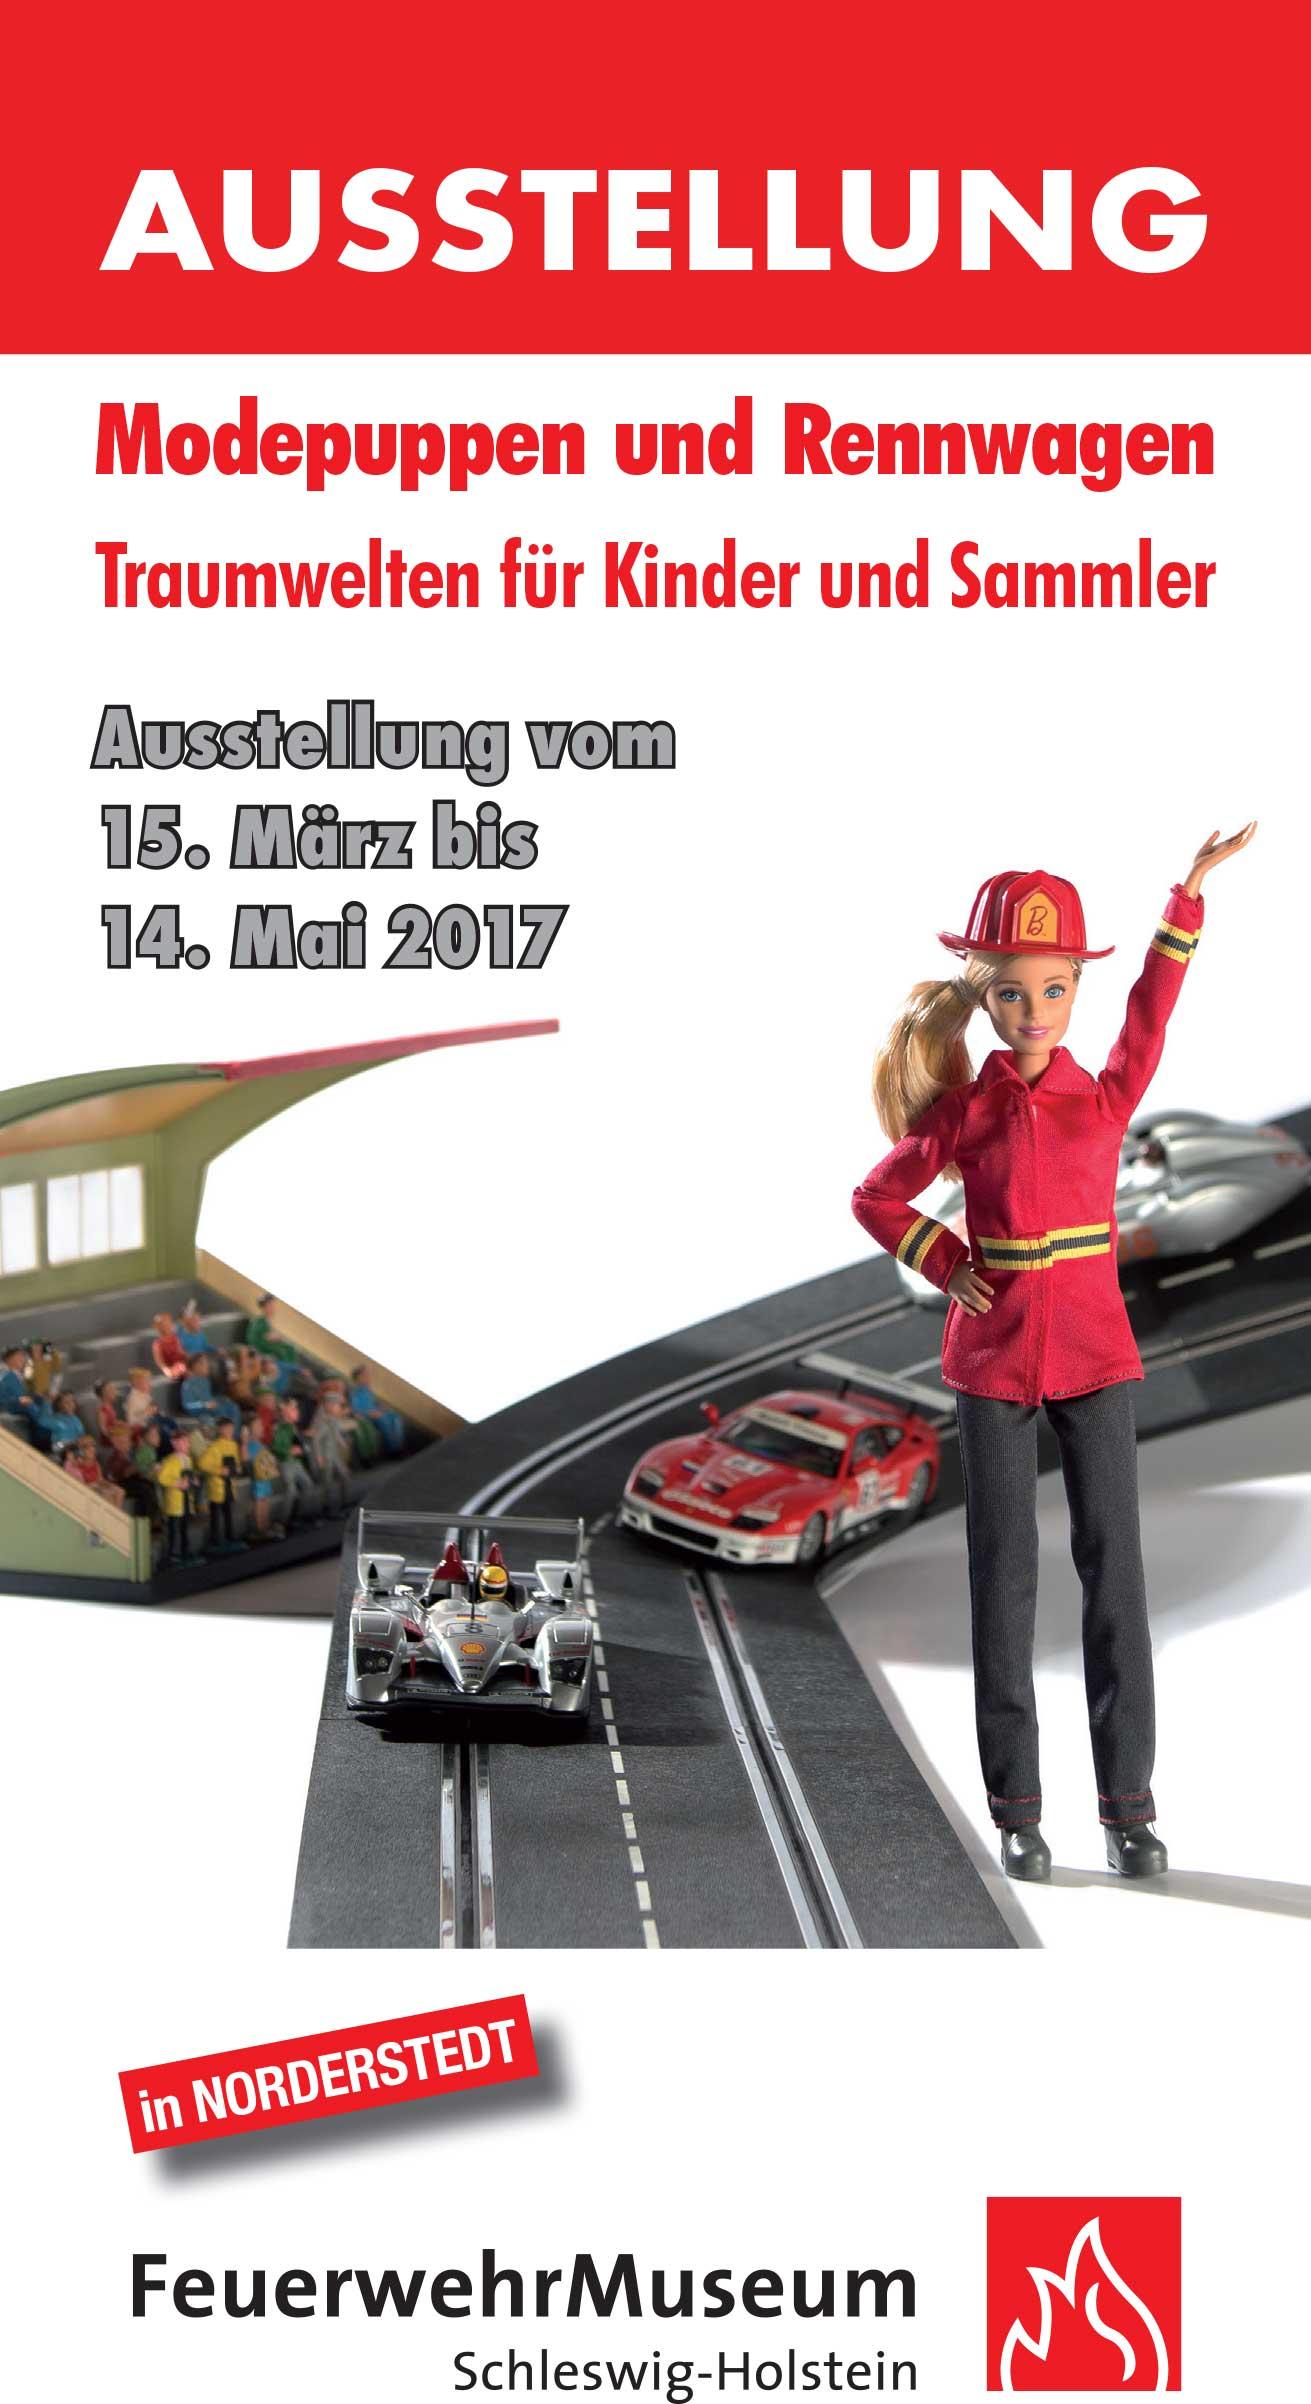 Modepuppen-und-Rennwagen---Flyer03-1.jpg